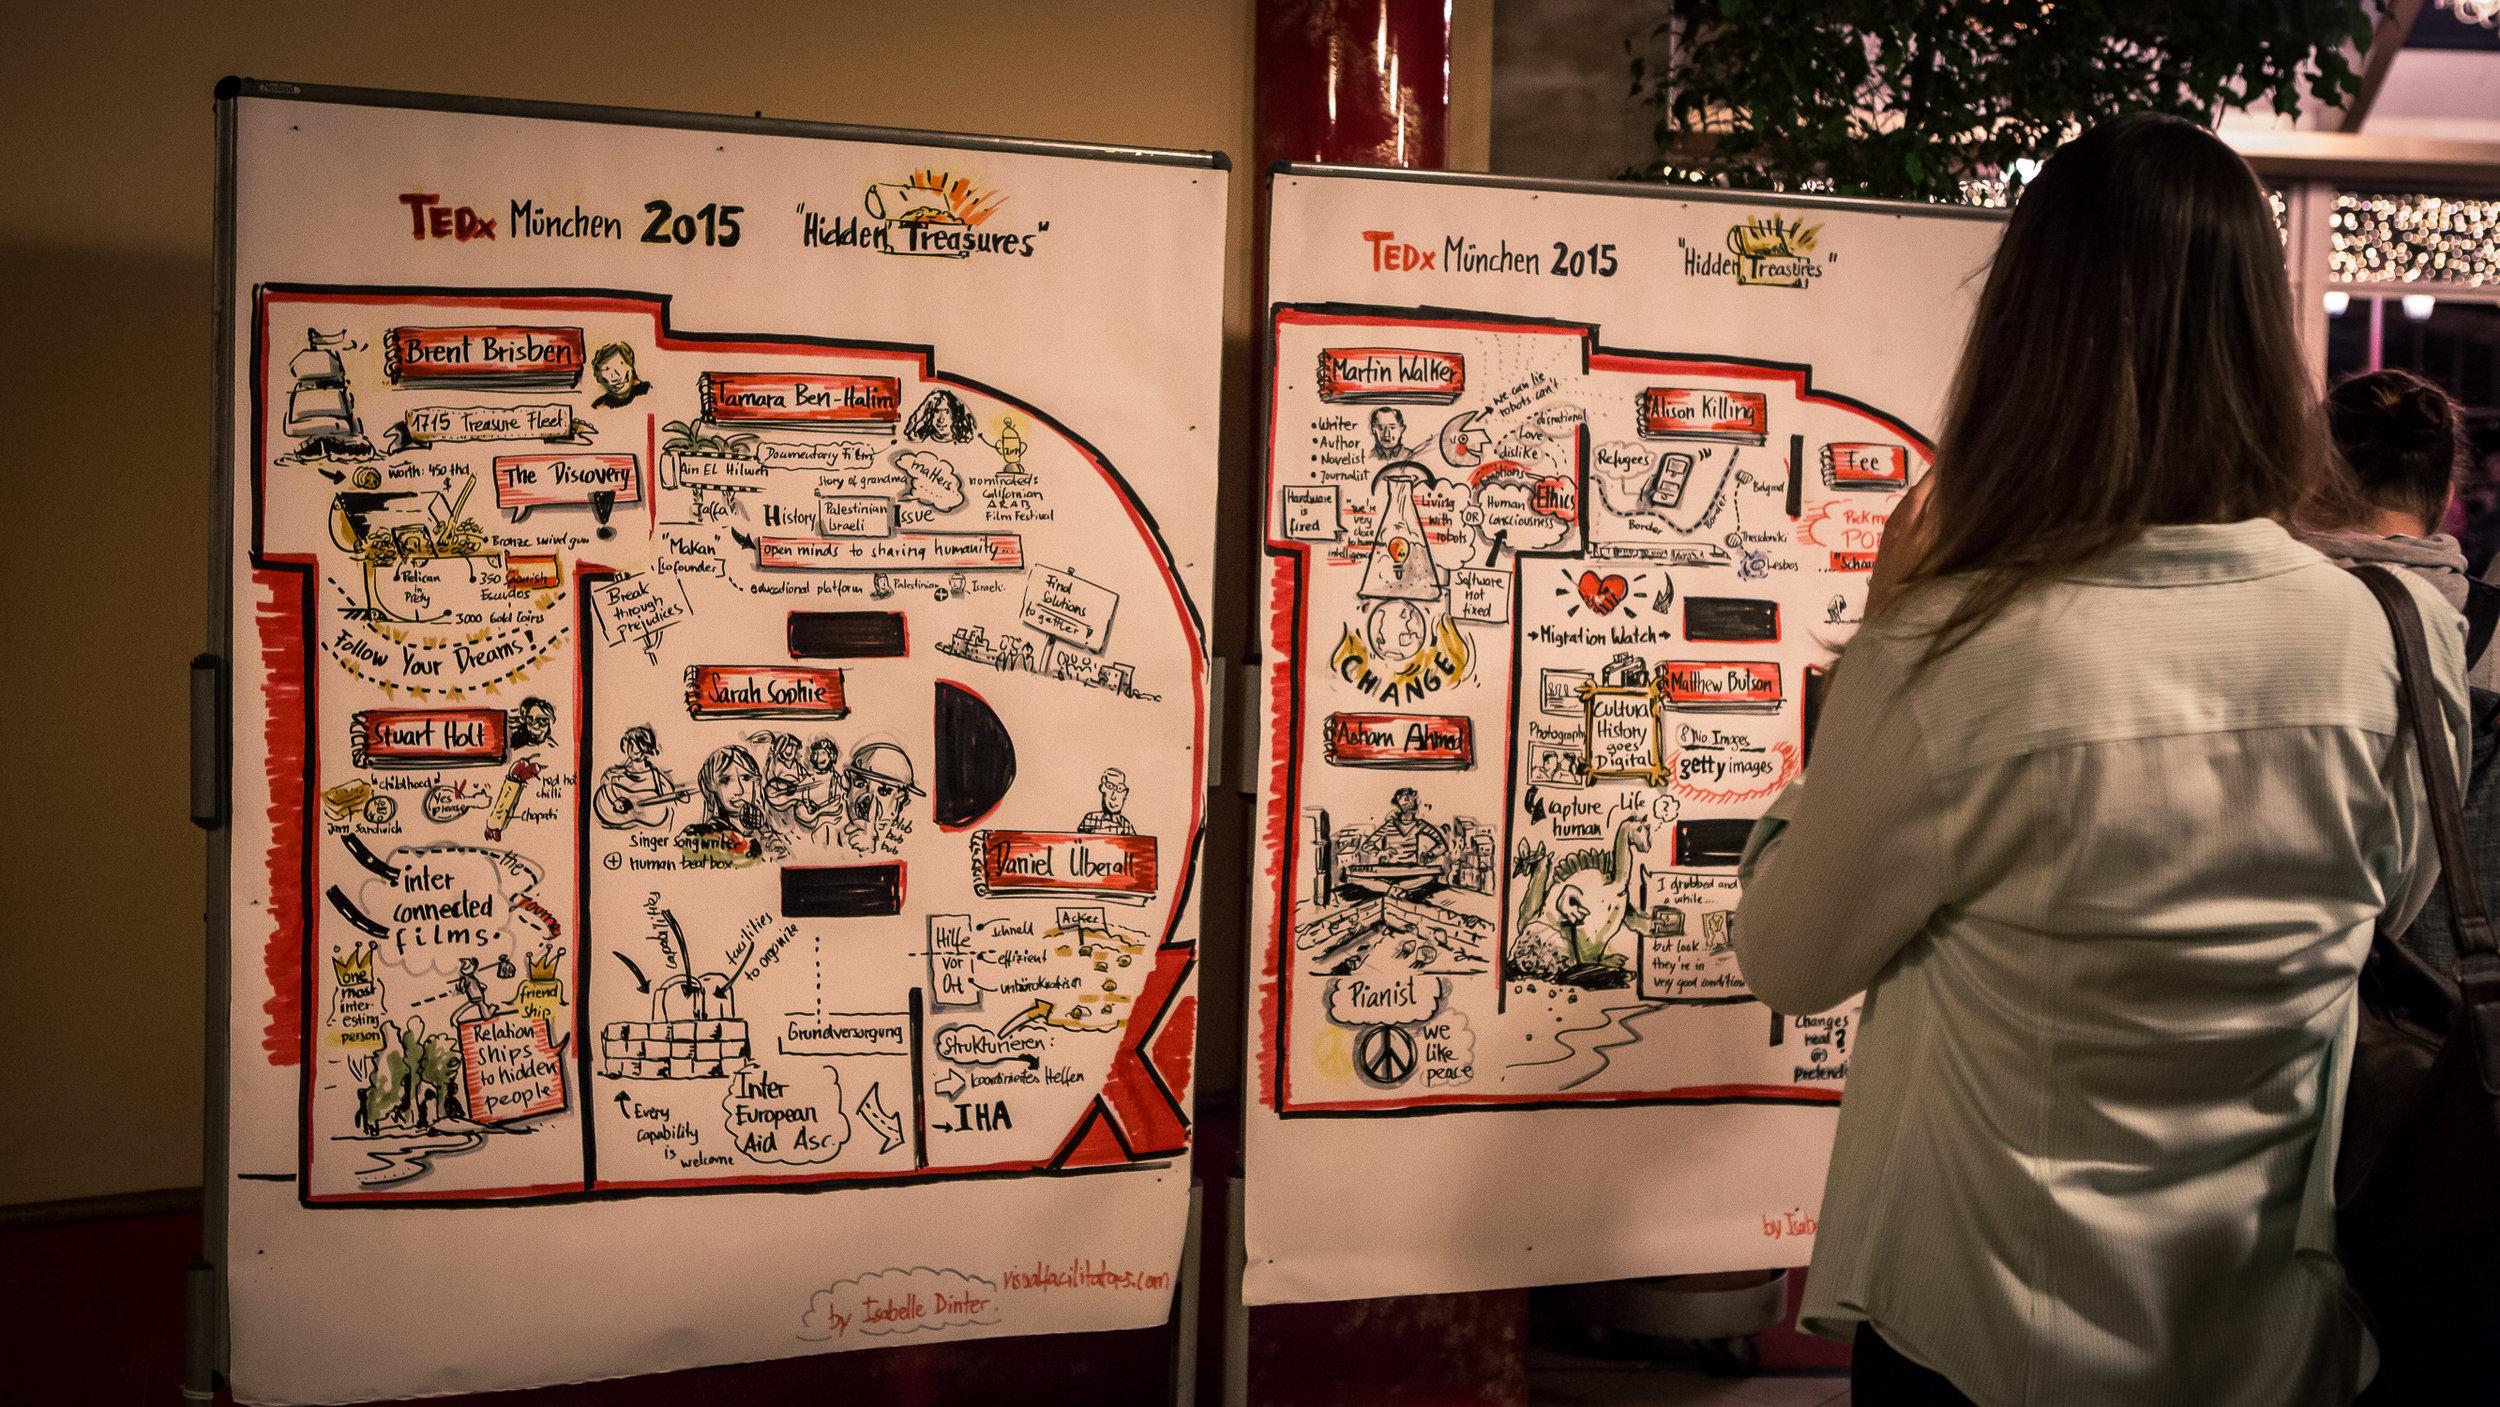 151110-19-10-08_TEDx_munich_hires.jpg